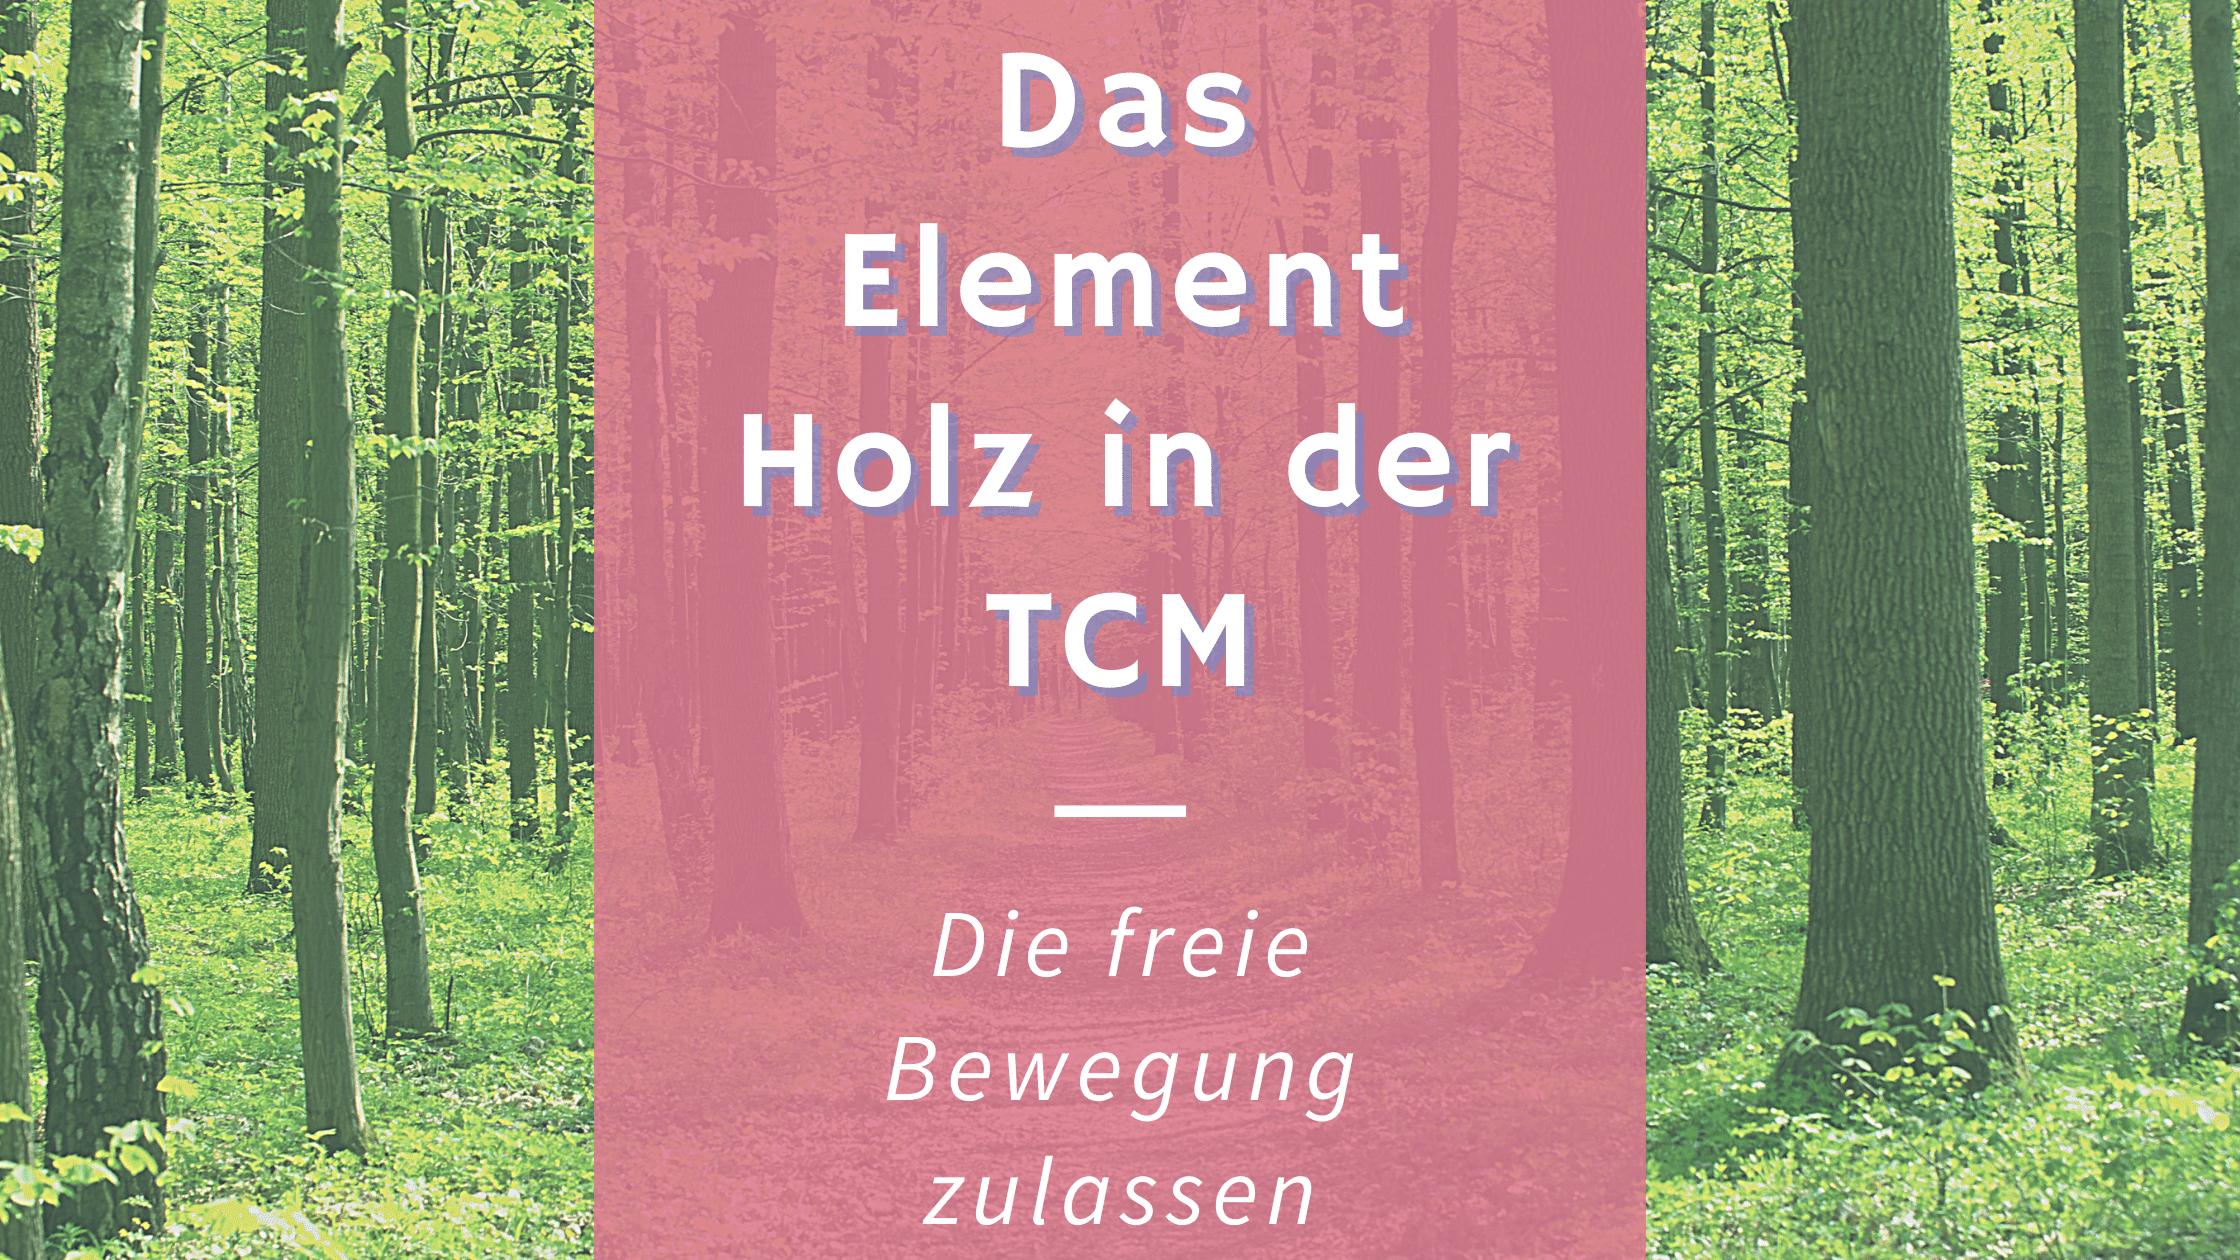 Das Element Holz nach TCM – Etwas Bewegung